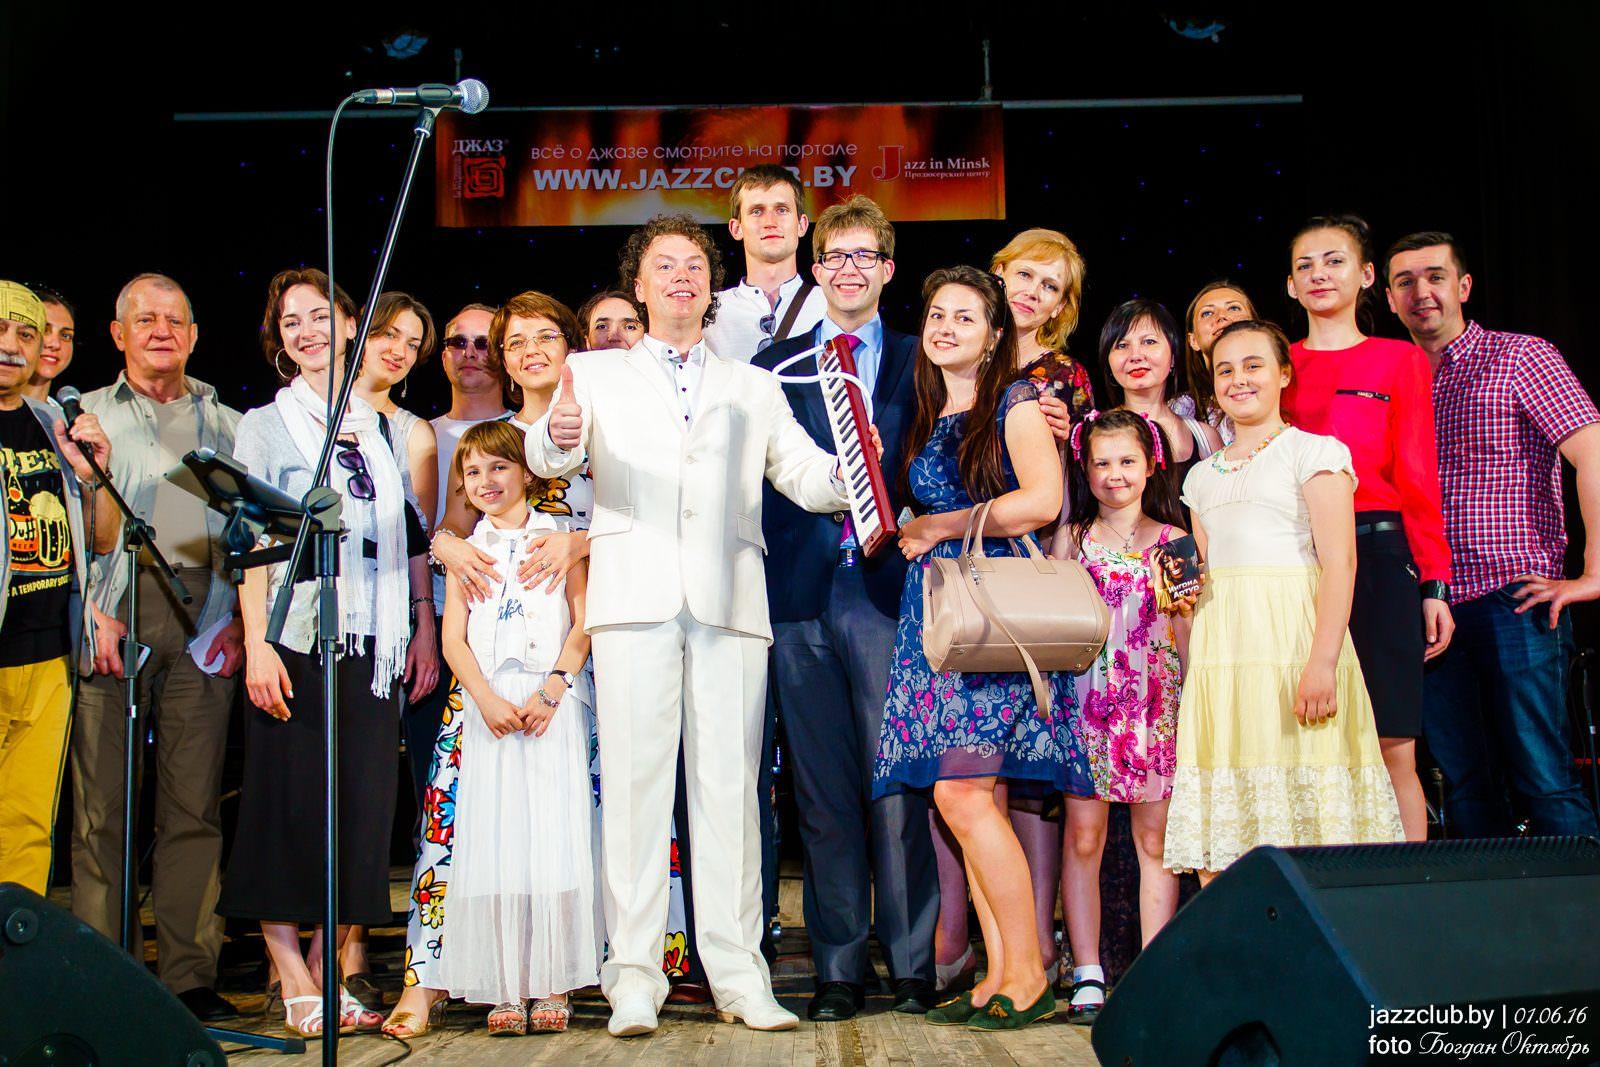 ДЖАЗ в МИНСКЕ: Евгений Владимиров и поклонники в Джаз-Клубе Jazz in Minsk 30/05/2016